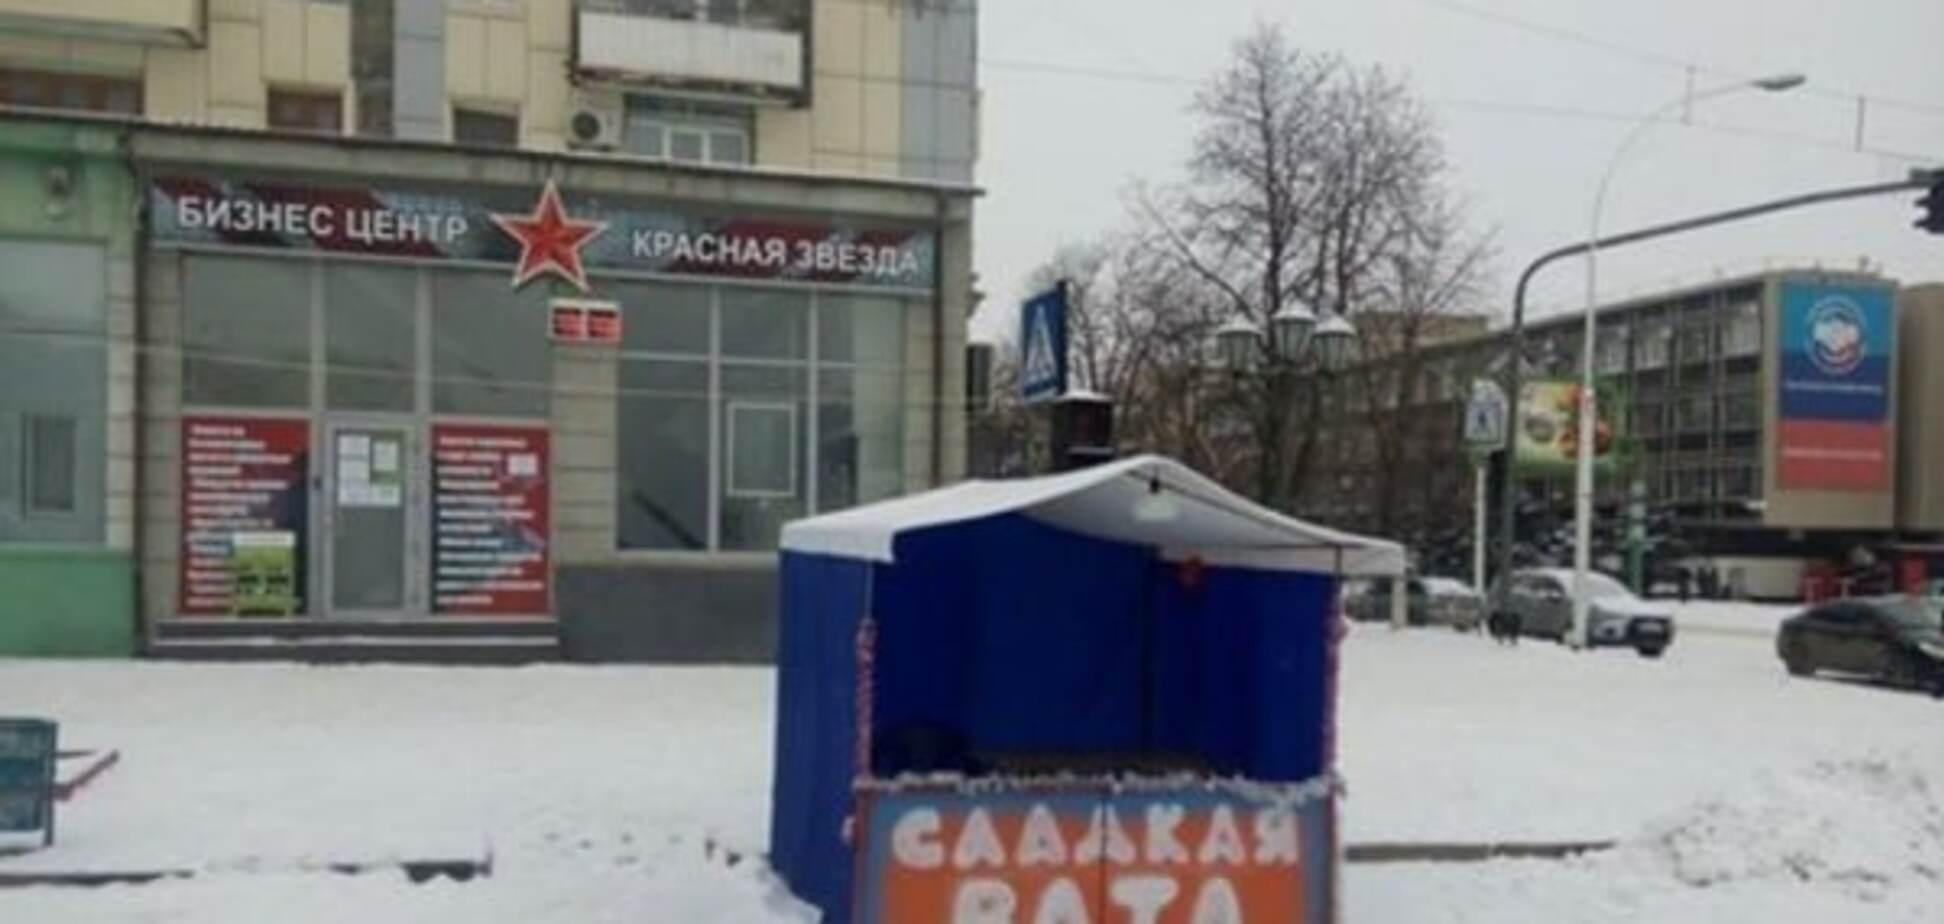 Нарочно не придумаешь: в центре Луганска совпали красные звезды и вата. Фотофакт